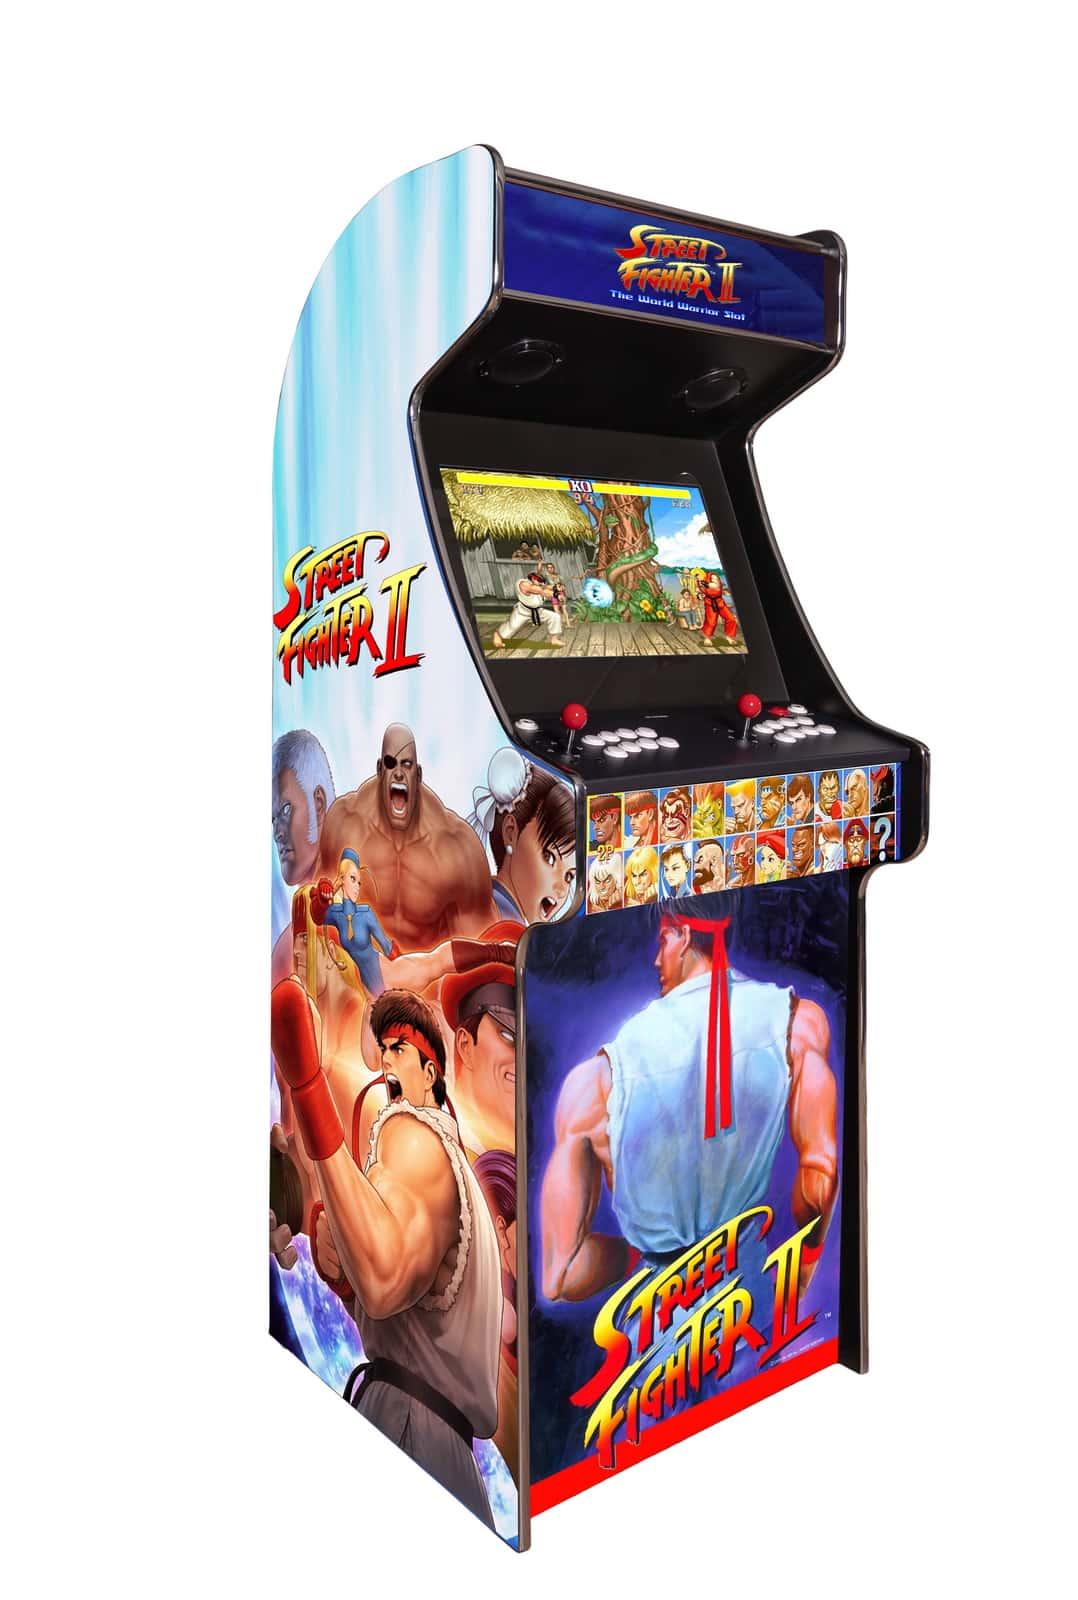 arcade-machine-borne-born-jeux-cafe-anciens-retro-recalbox-neuve-moderne-hdmi-pas-cher-vente-achat-prix-france-belgique-07